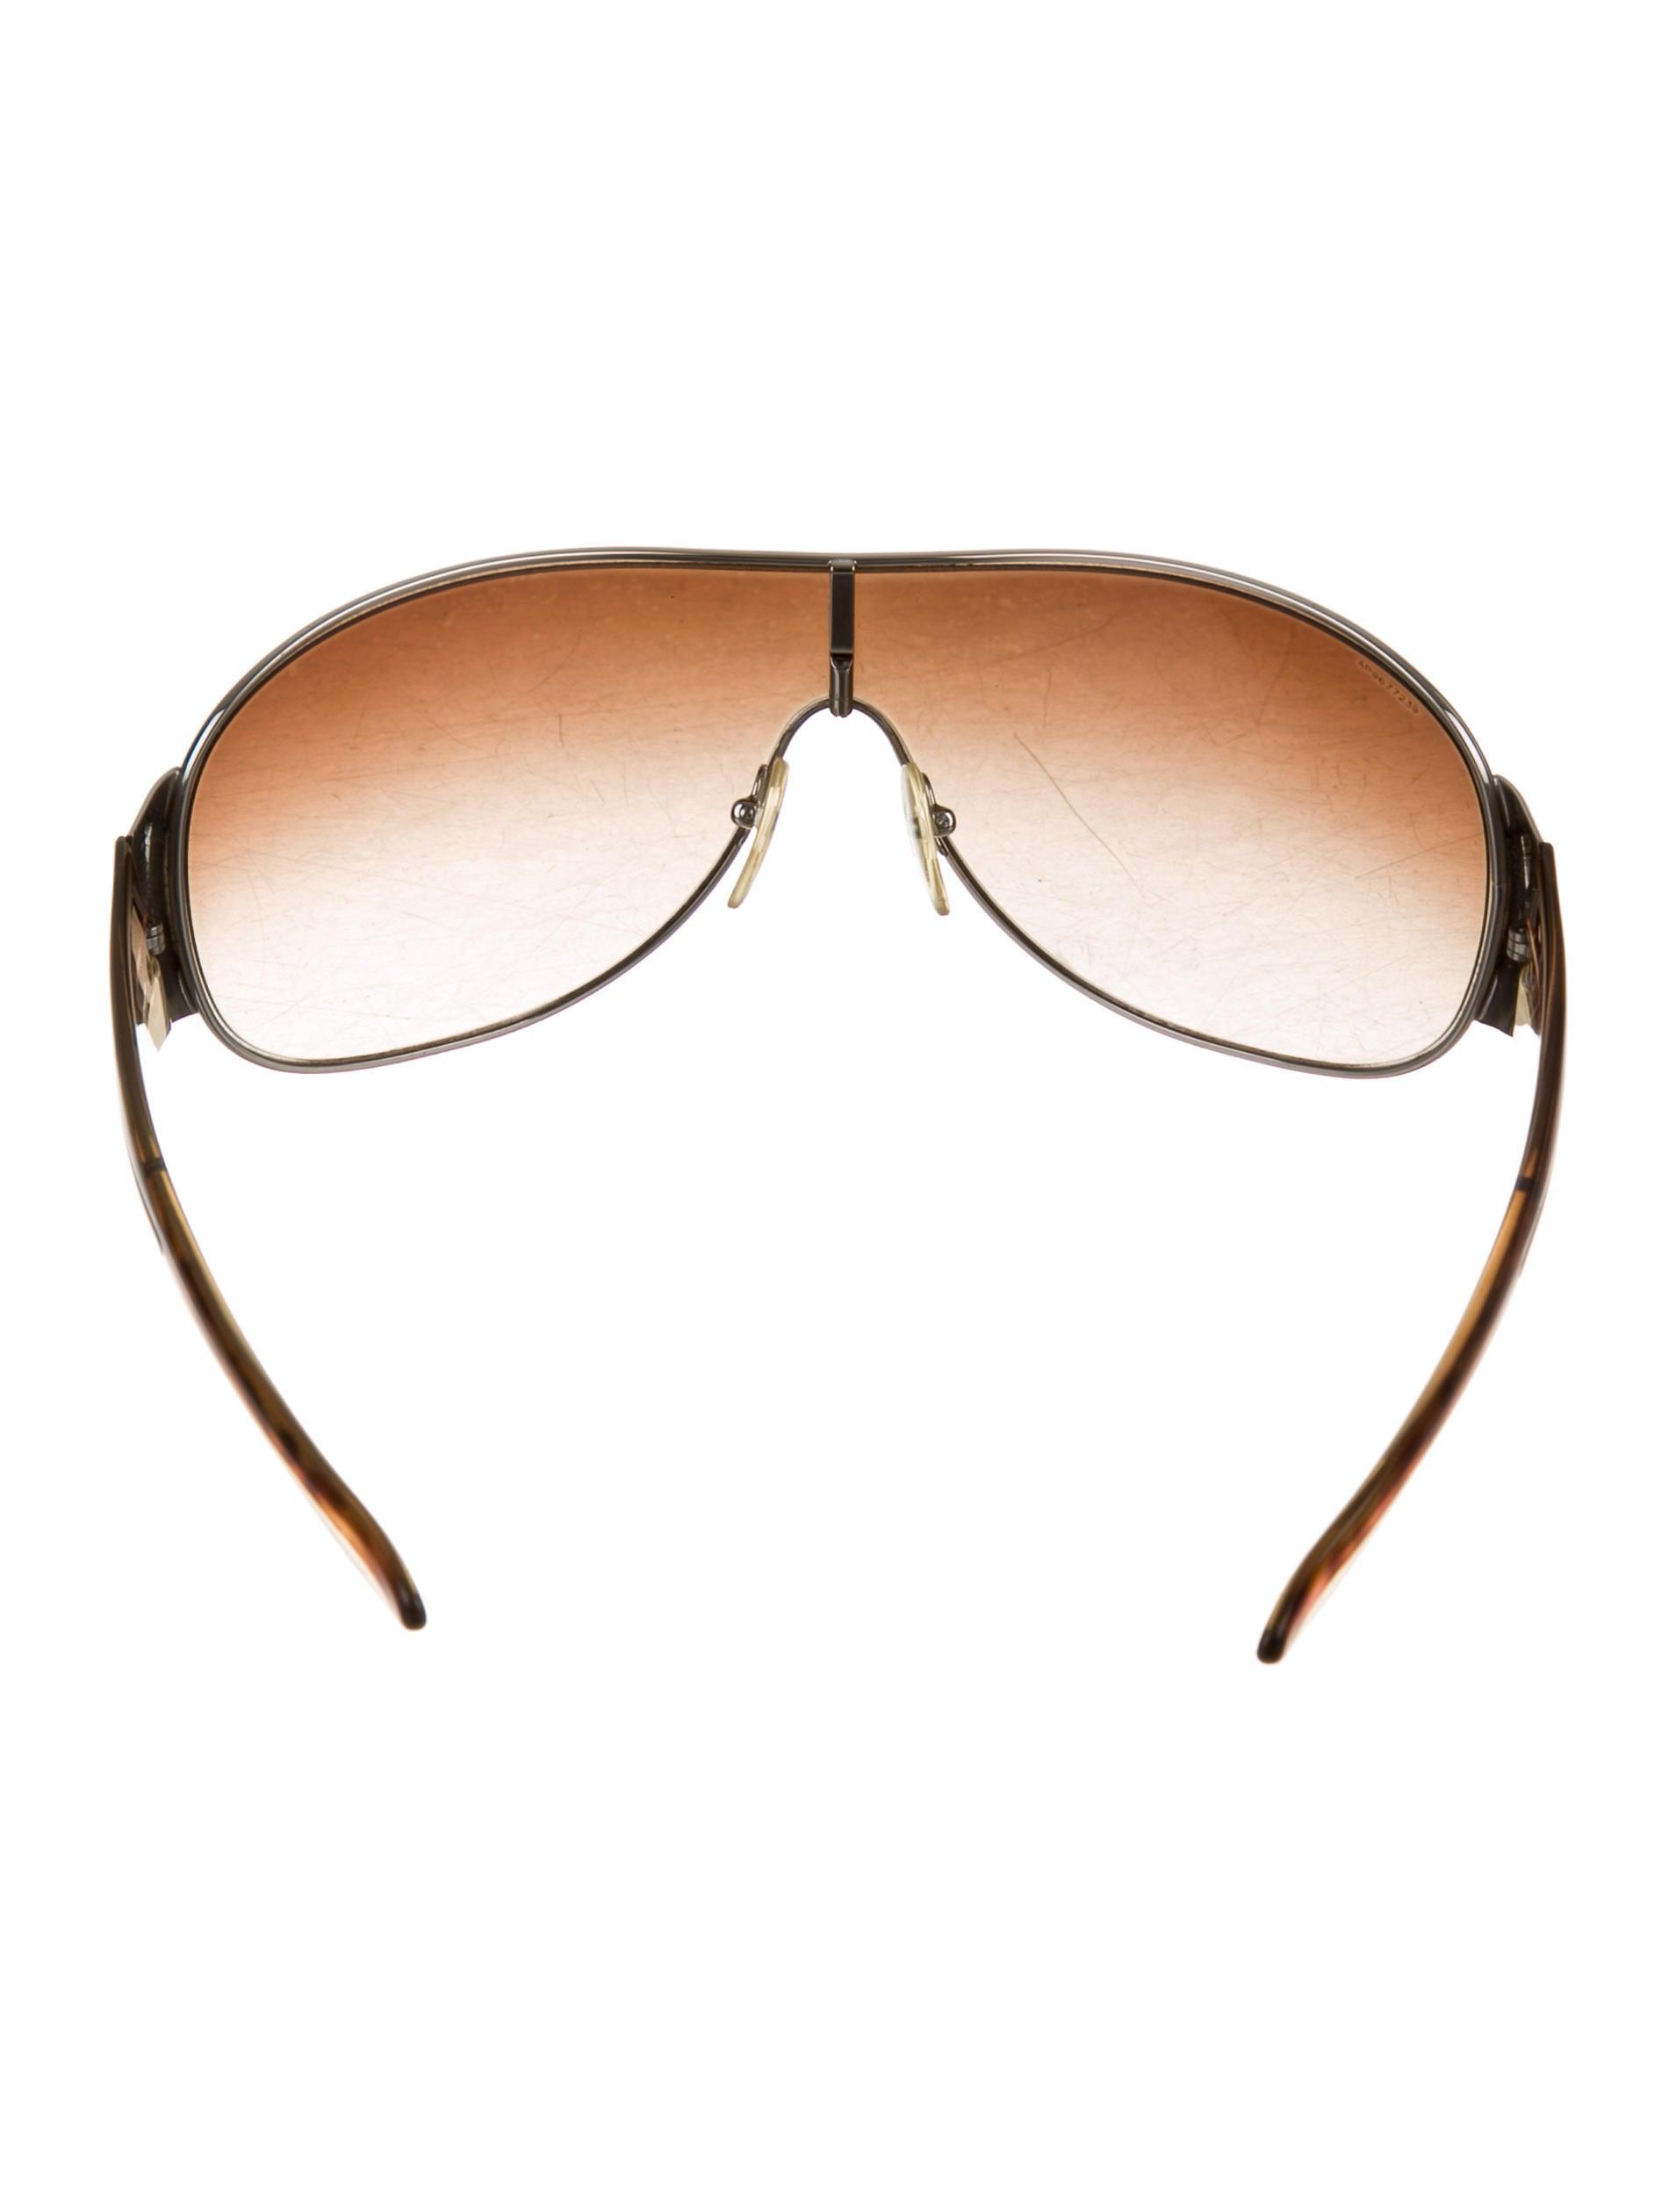 d17ccfd3f2 Prada Shield Sunglasses Deep Brown